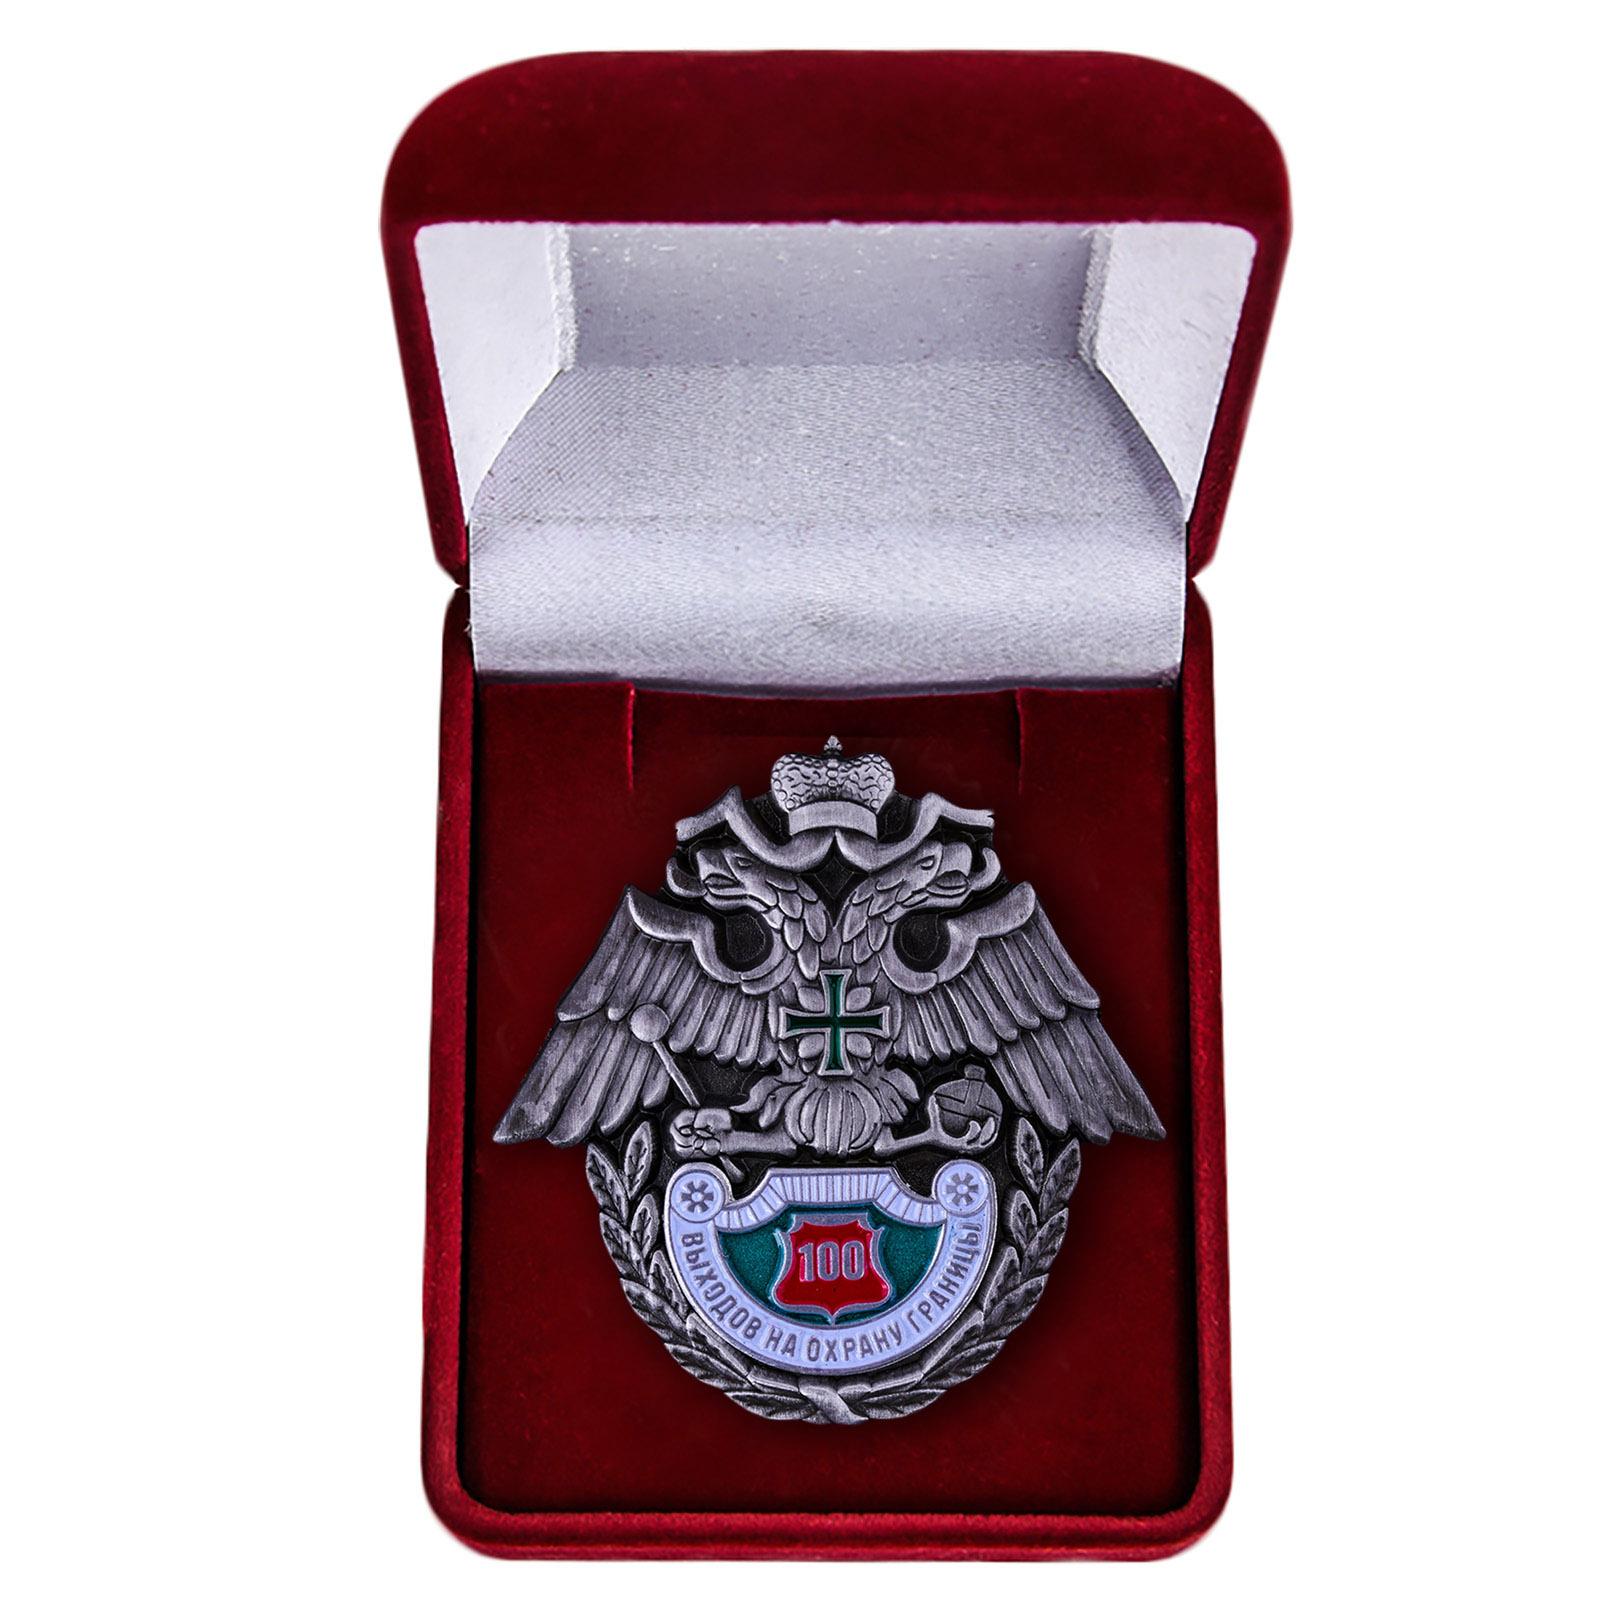 Знак ФПС России 100 выходов на охрану границы в бархатном футляре